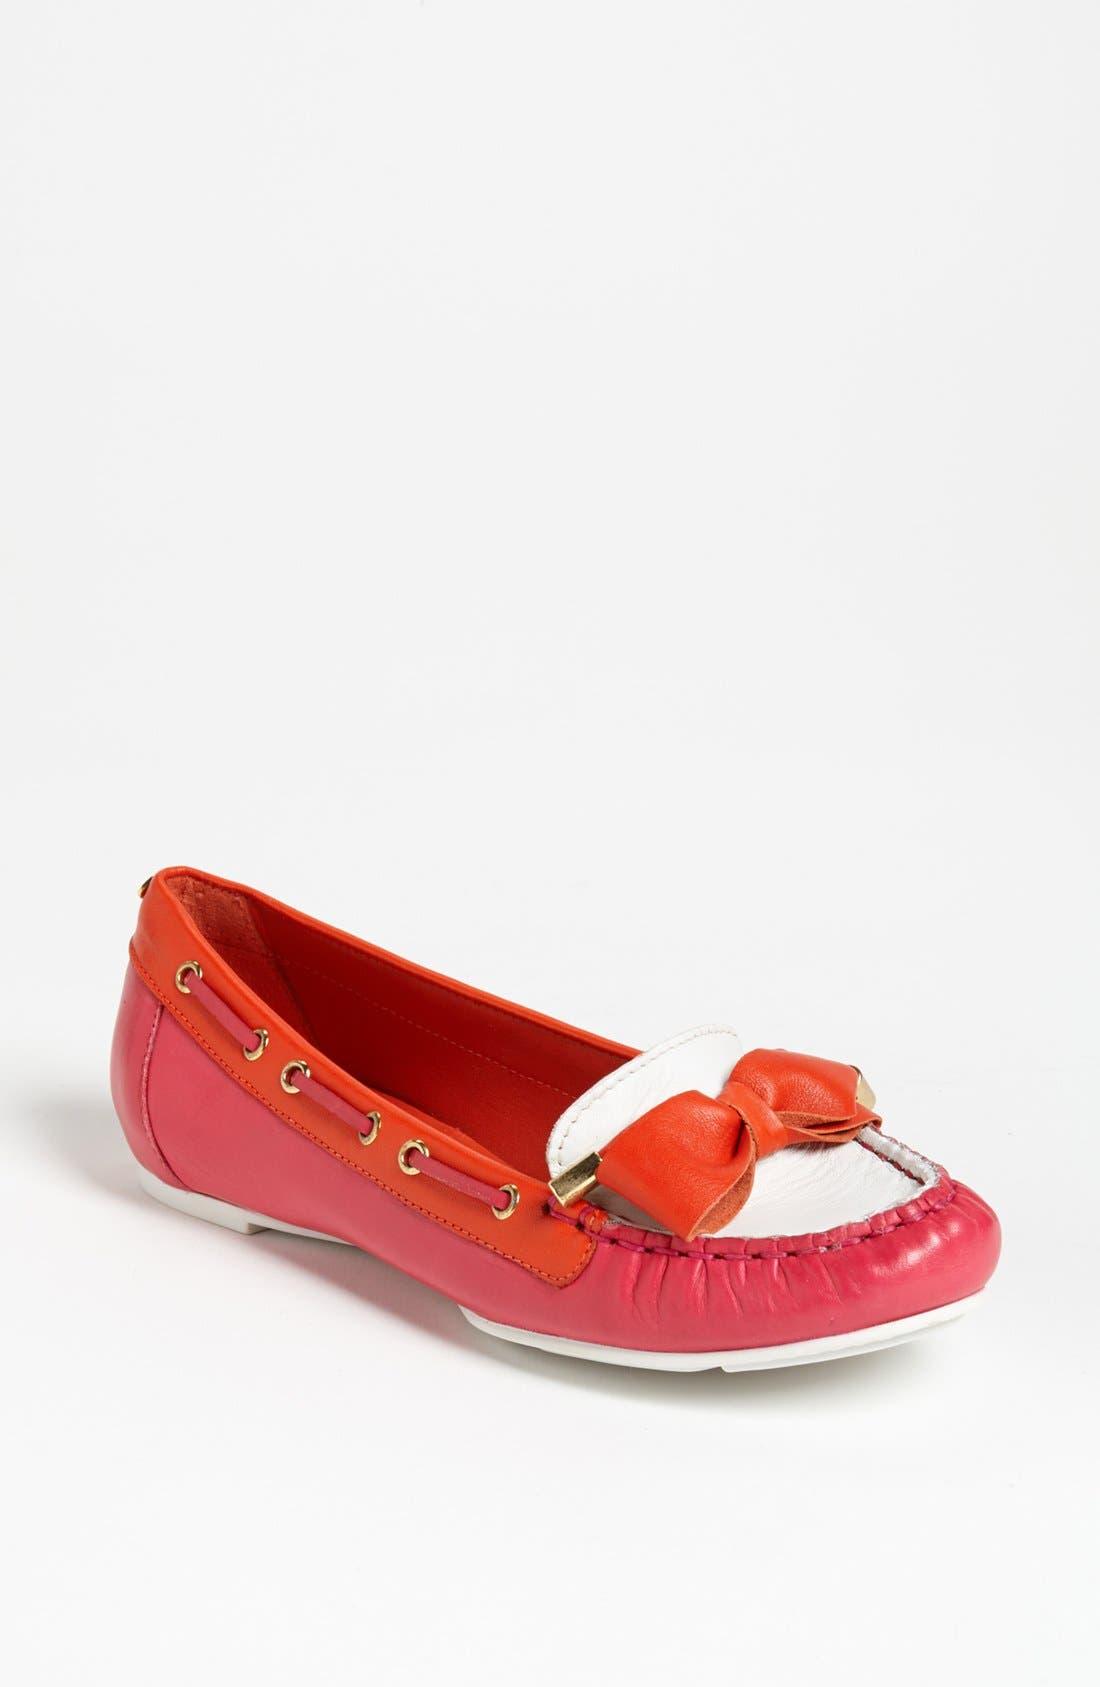 Main Image - kate spade new york 'wren' loafer